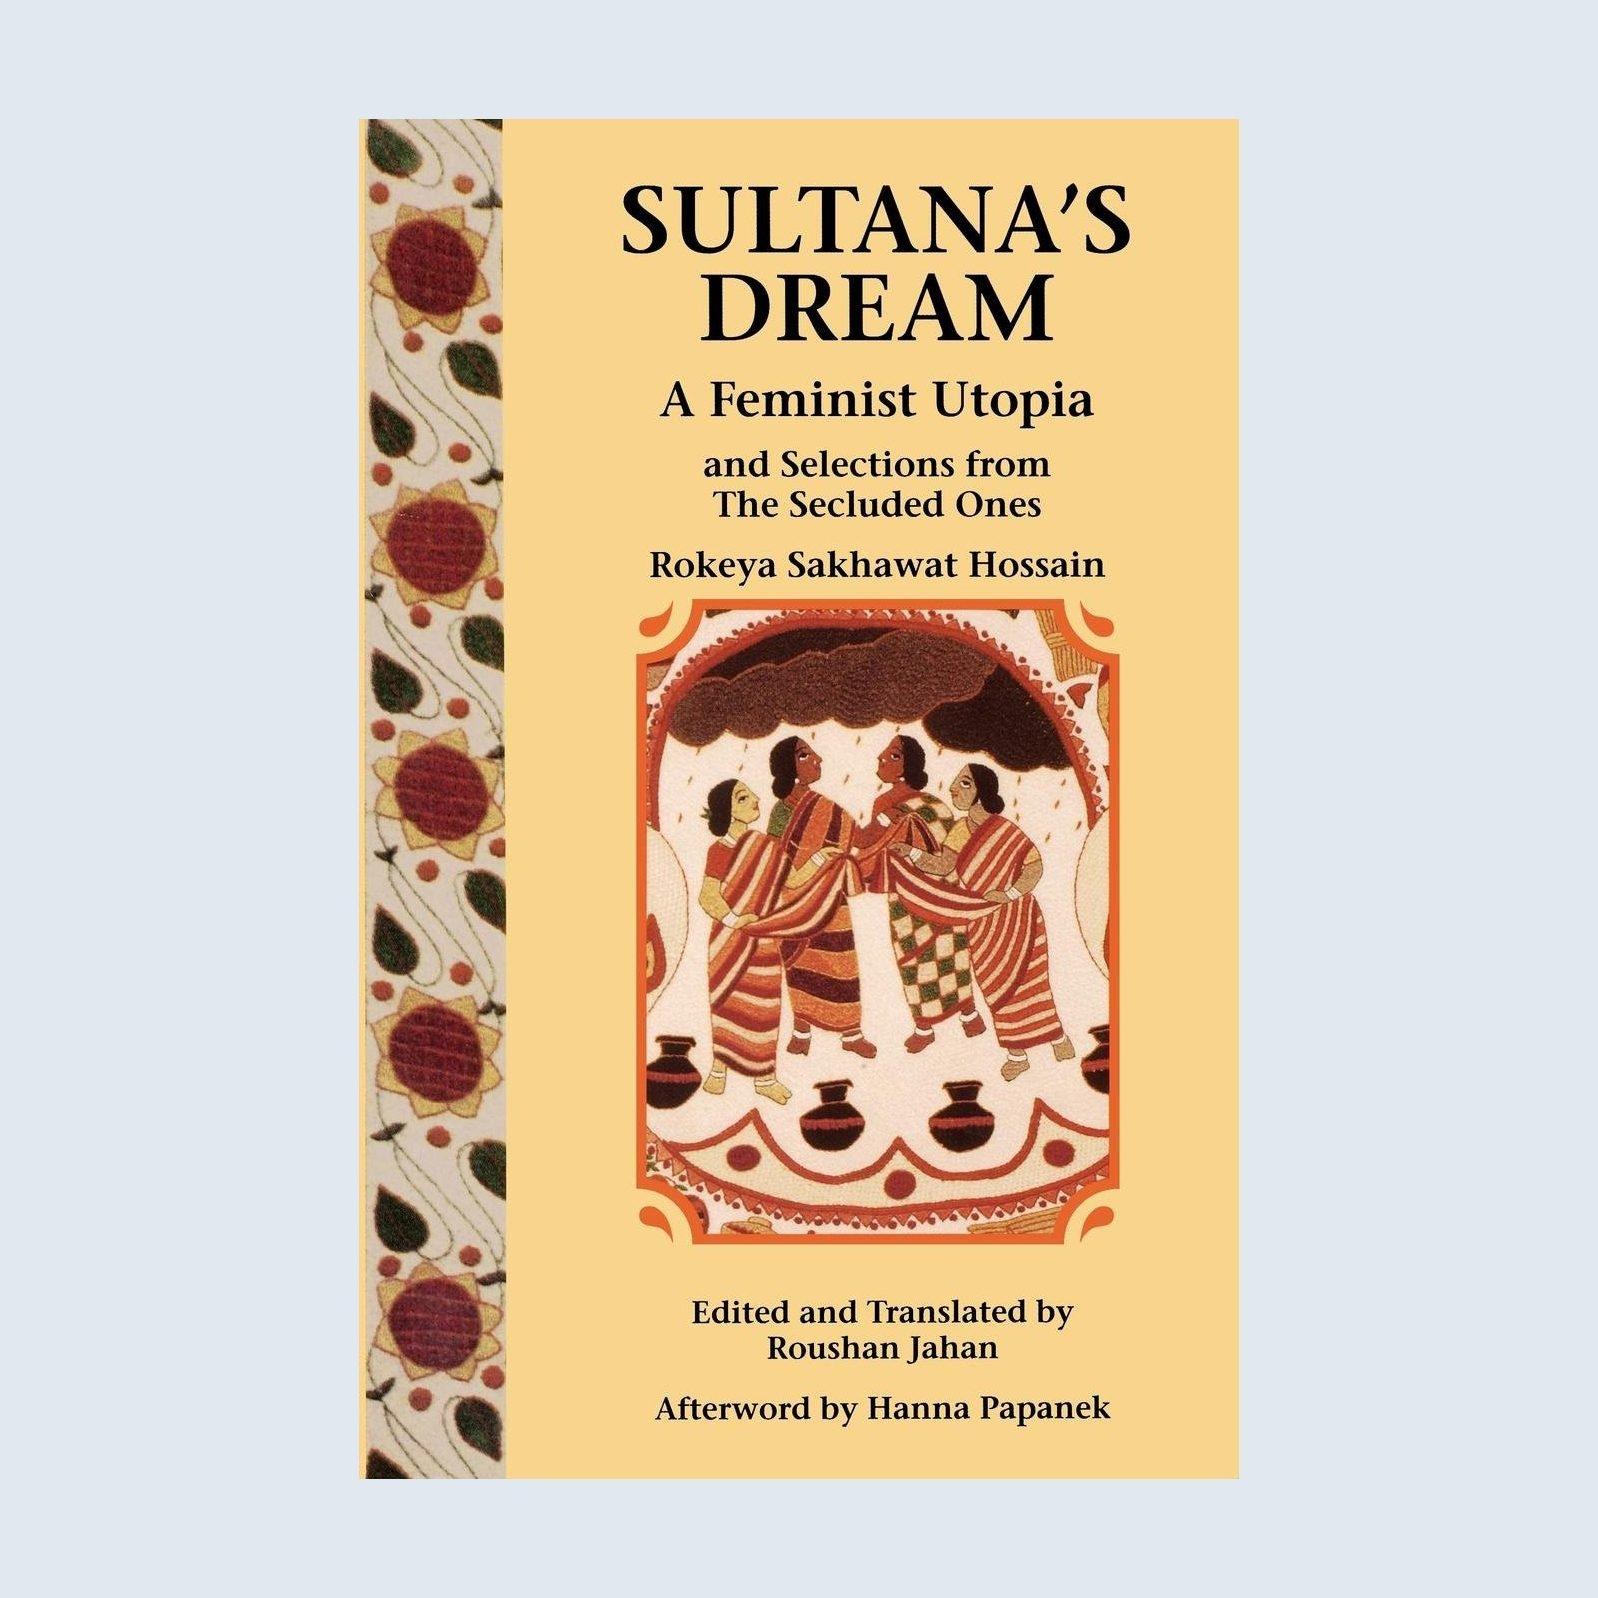 The Sultana's Dream